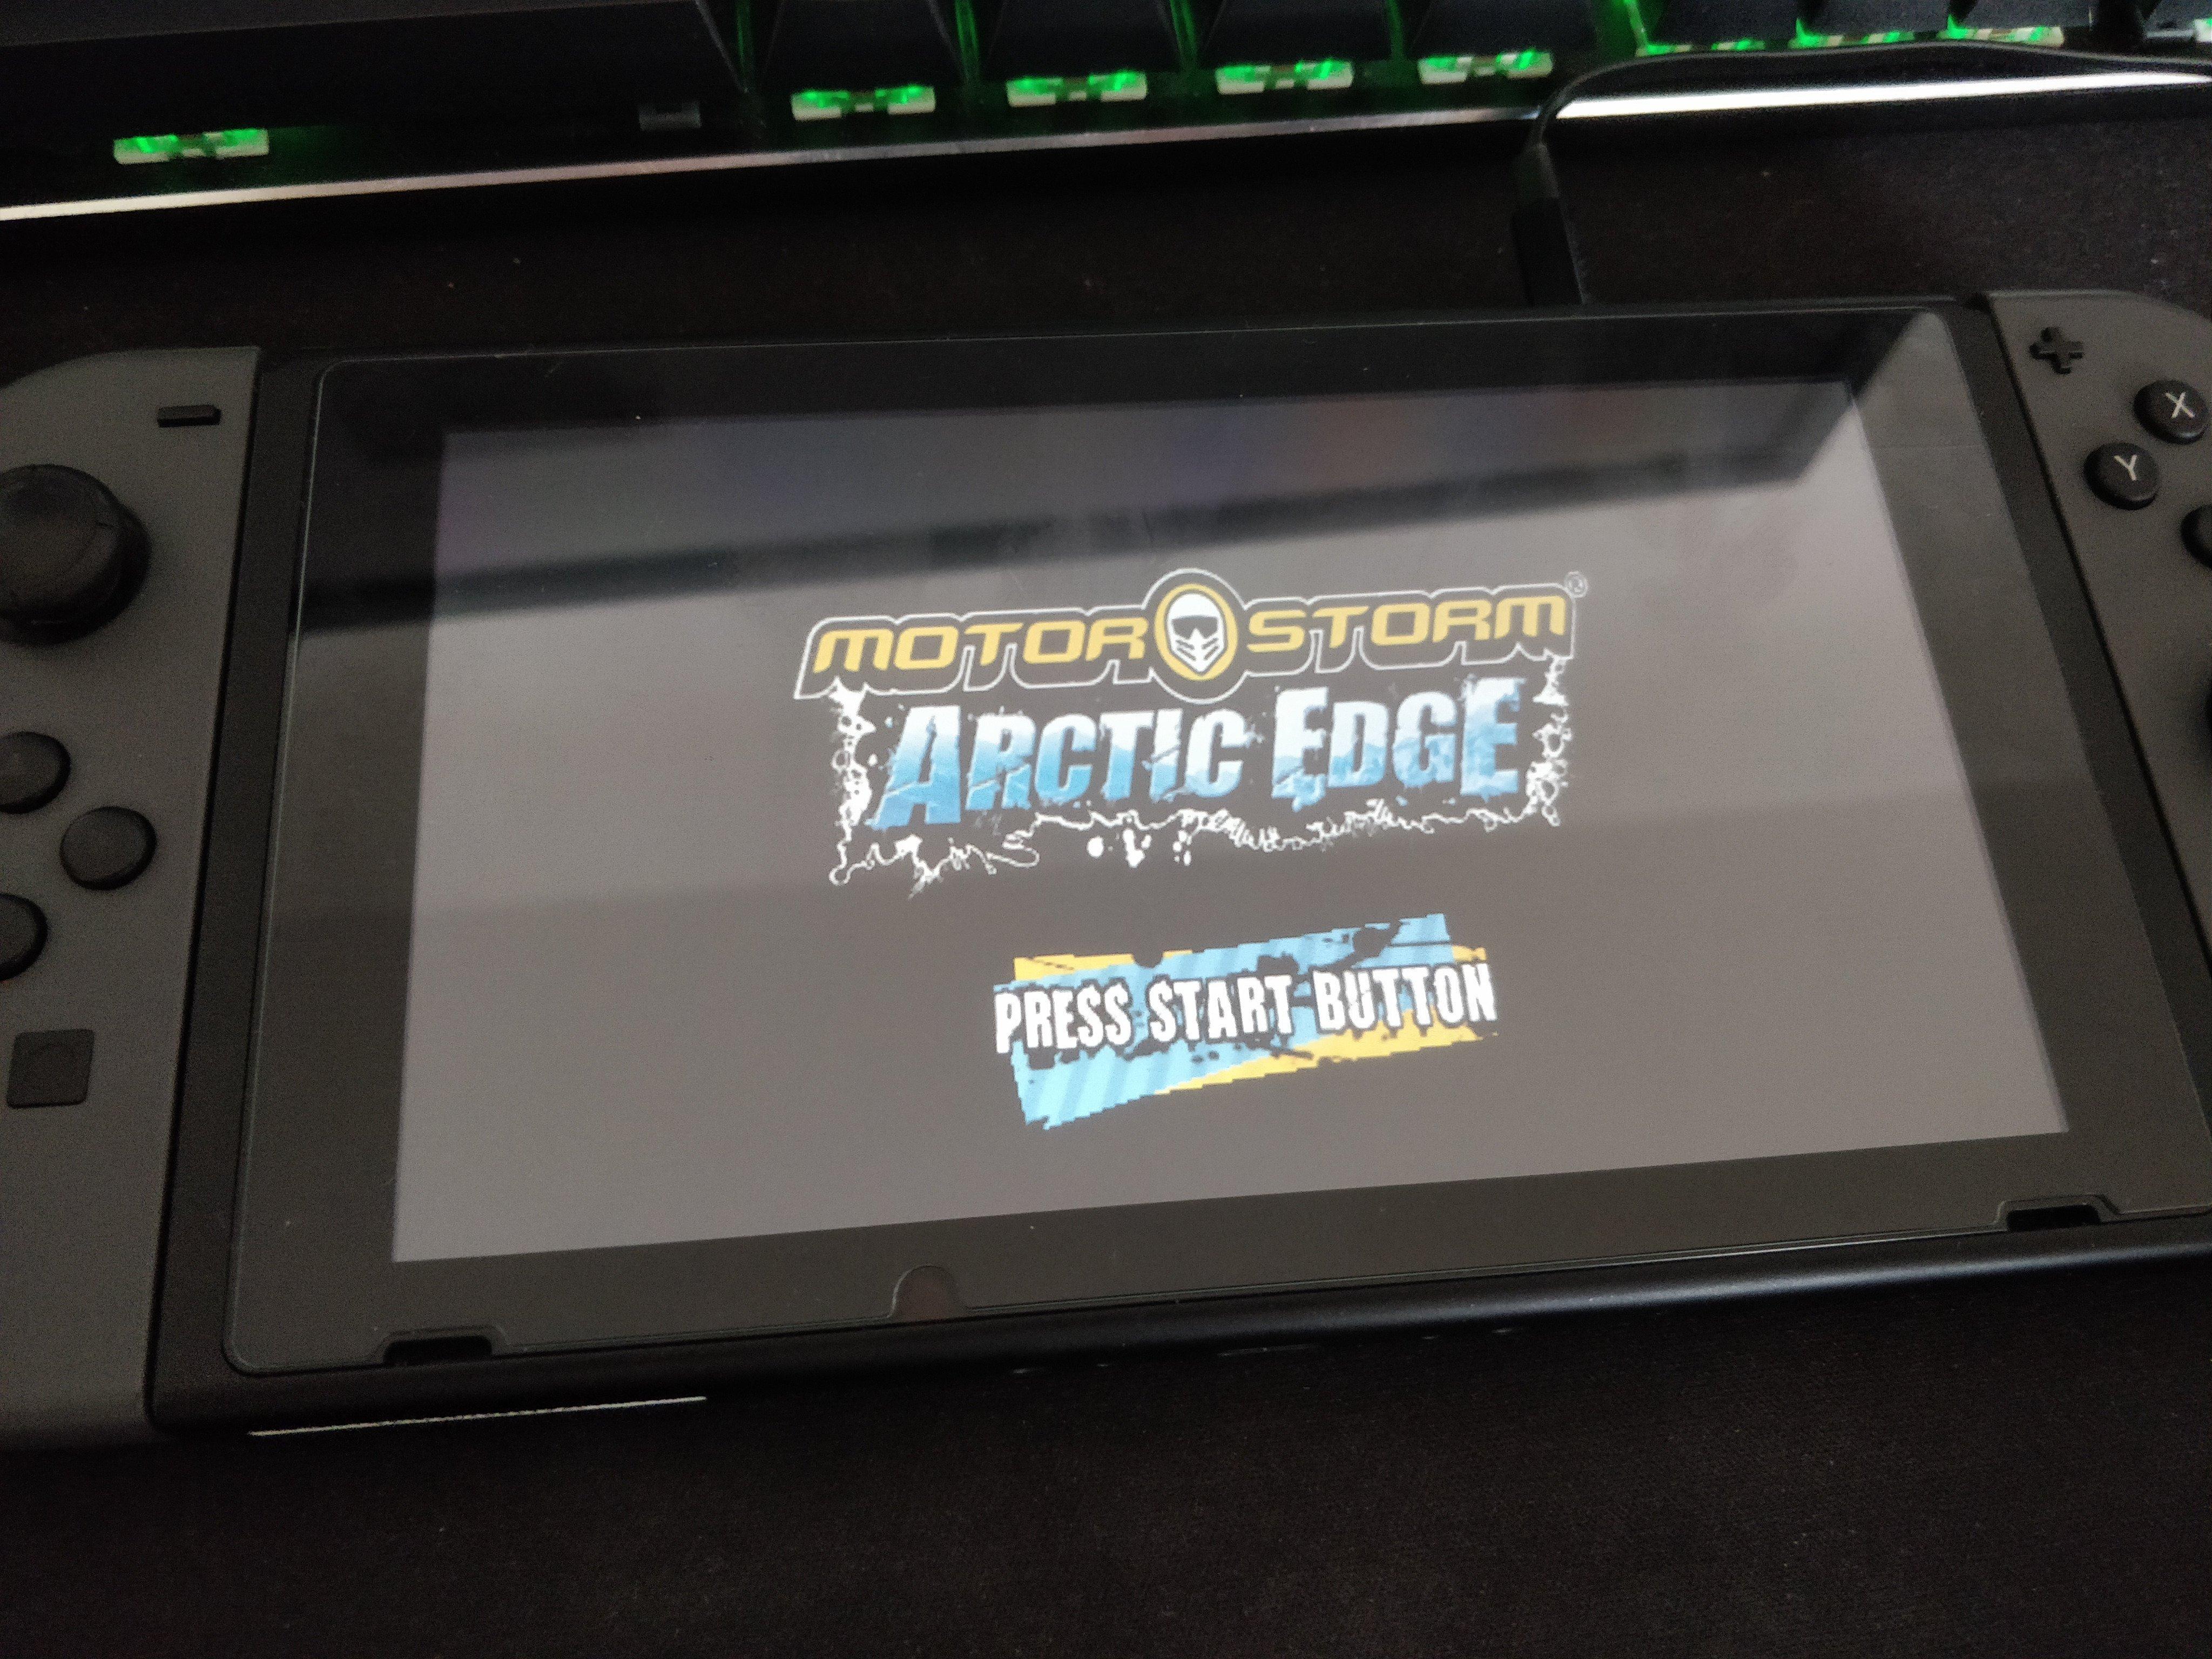 任天堂Switch已可用PSP模拟器运行两款游戏